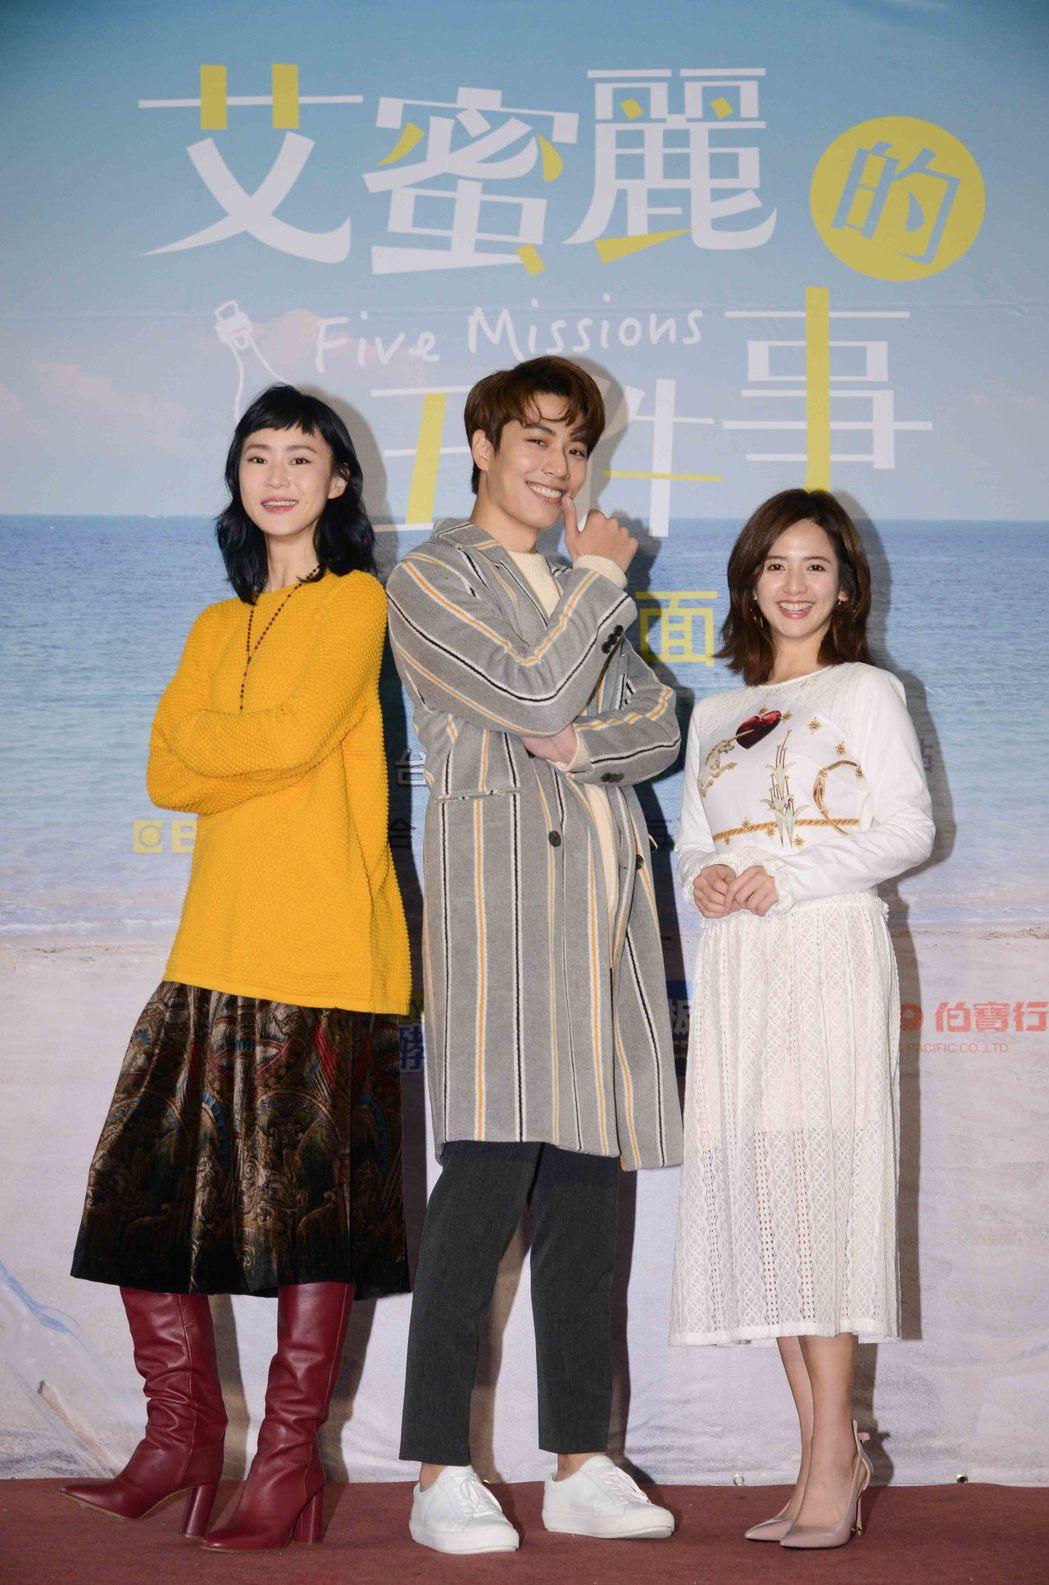 鍾瑶(左起)、林子閎、臧芮軒出席「艾蜜麗的五件事」粉絲見面會。圖/東森提供